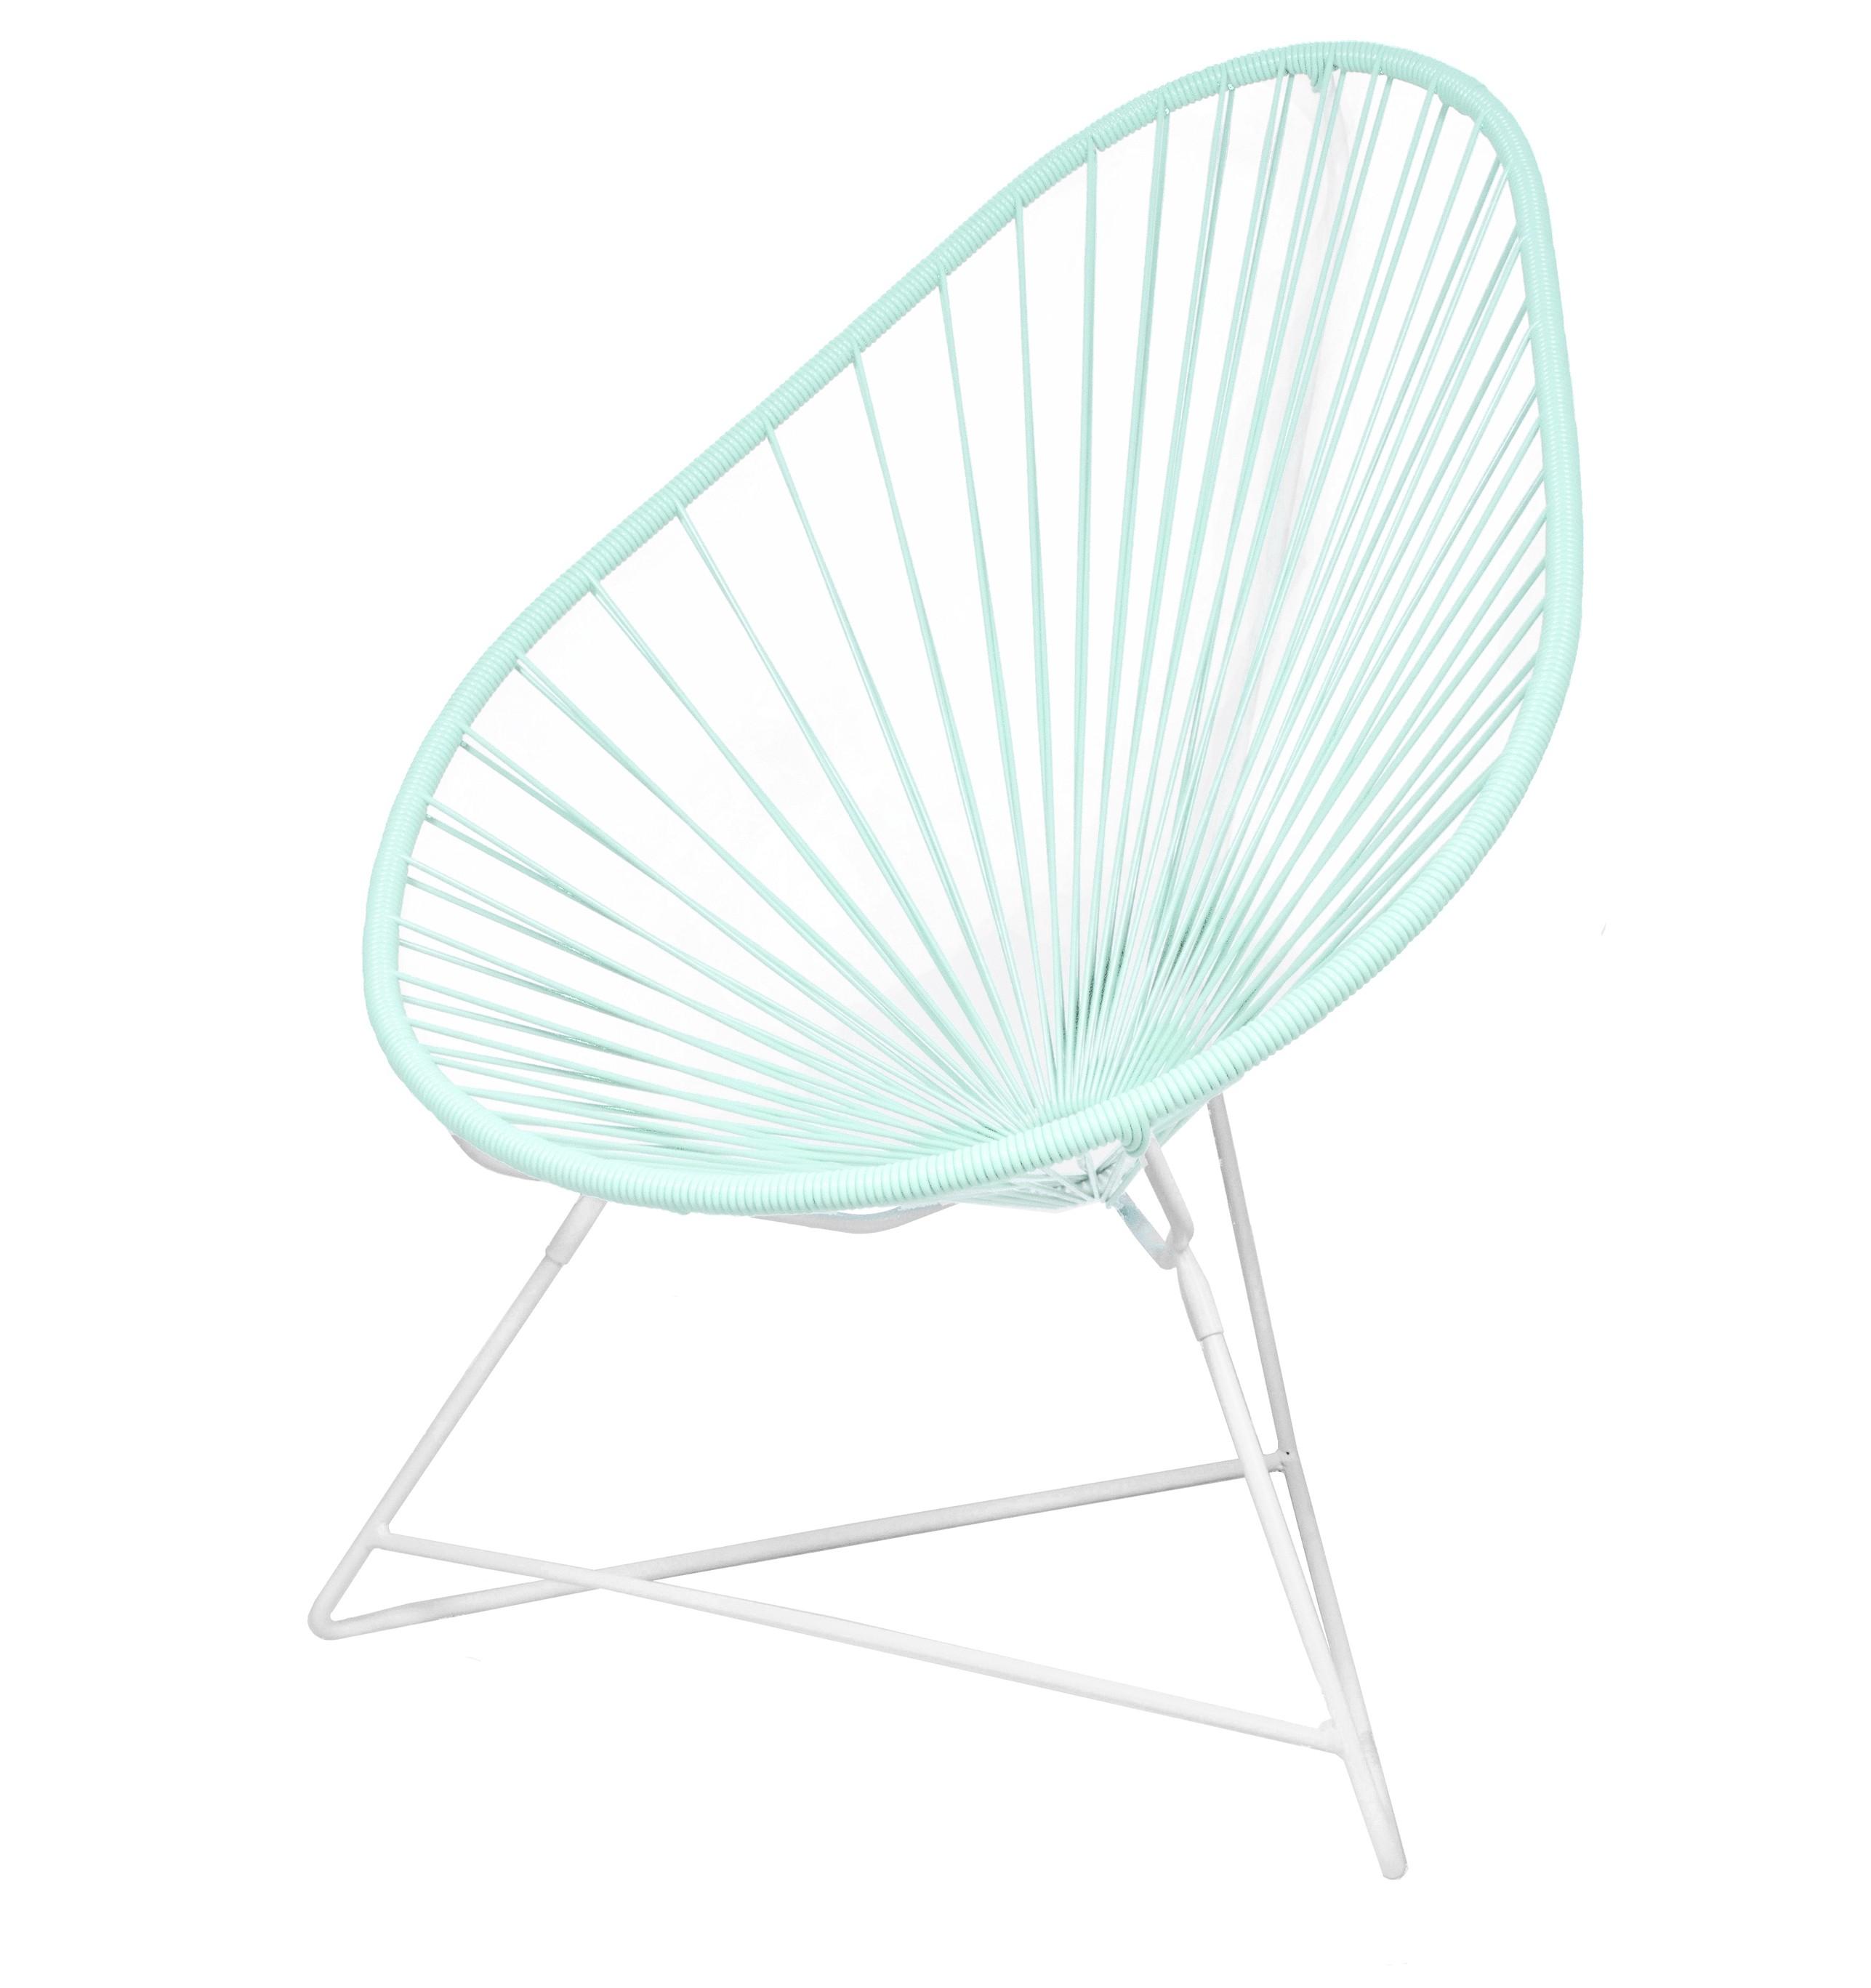 fauteuil acapulco de boqa avec structure blanche vert d 39 eau. Black Bedroom Furniture Sets. Home Design Ideas